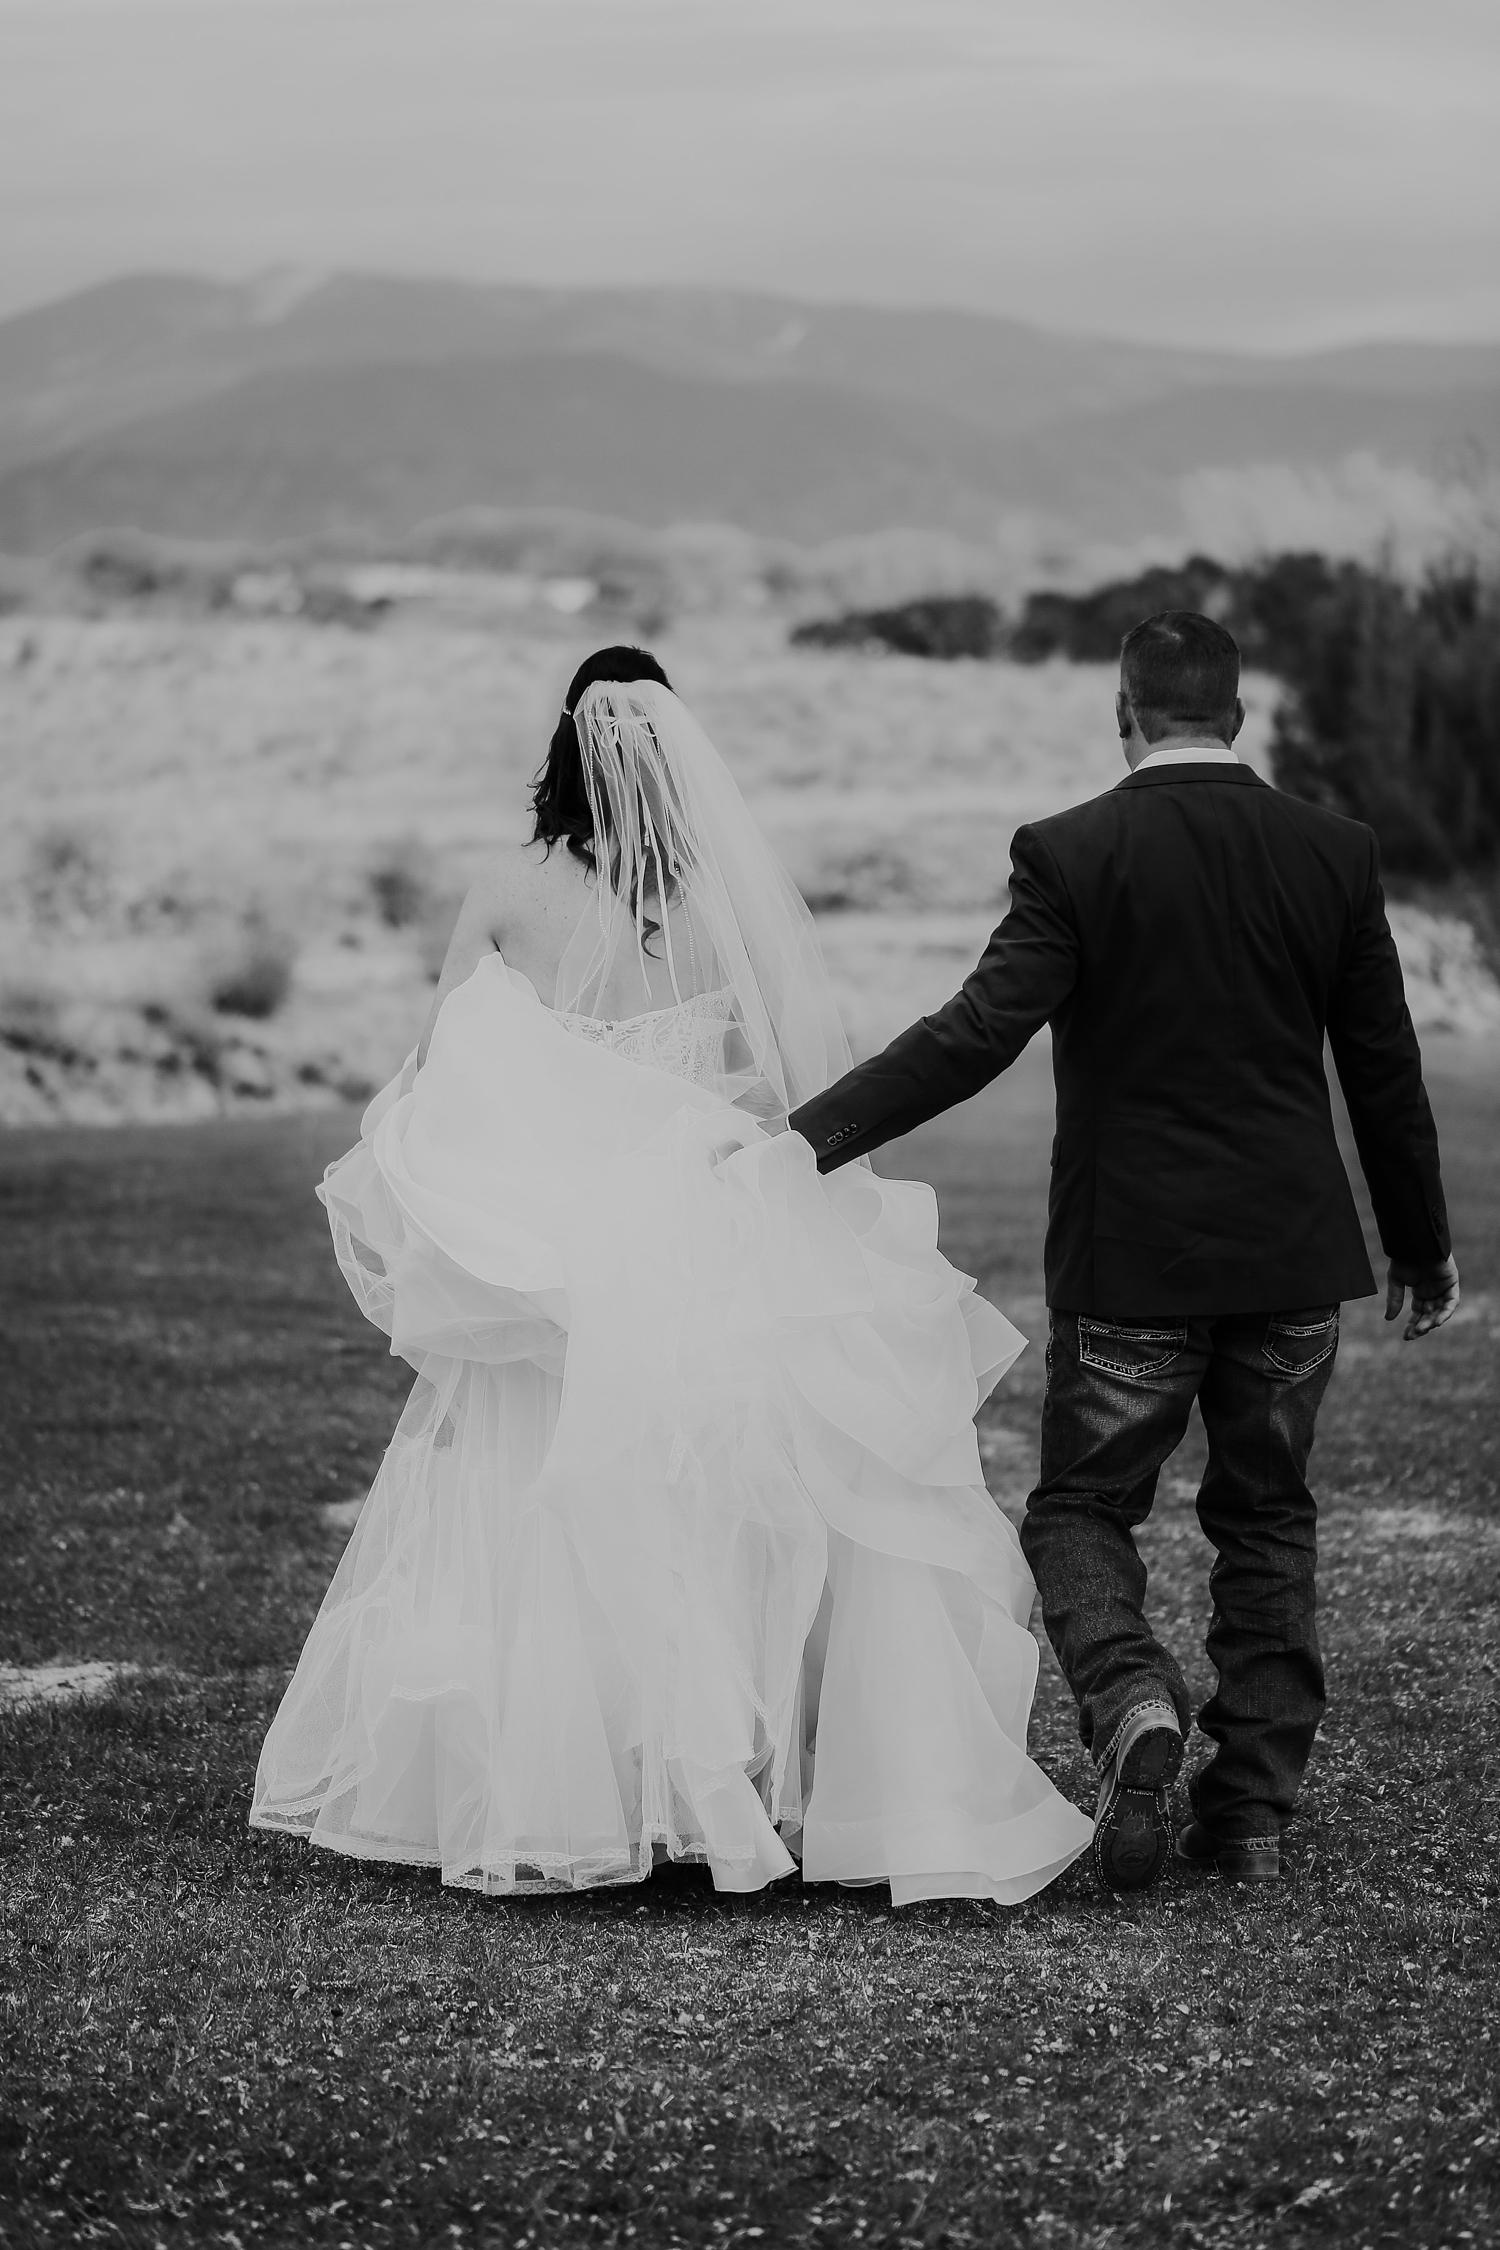 Alicia+lucia+photography+-+albuquerque+wedding+photographer+-+santa+fe+wedding+photography+-+new+mexico+wedding+photographer+-+new+mexico+engagement+-+la+mesita+ranch+wedding+-+la+mesita+ranch+spring+wedding_0059.jpg